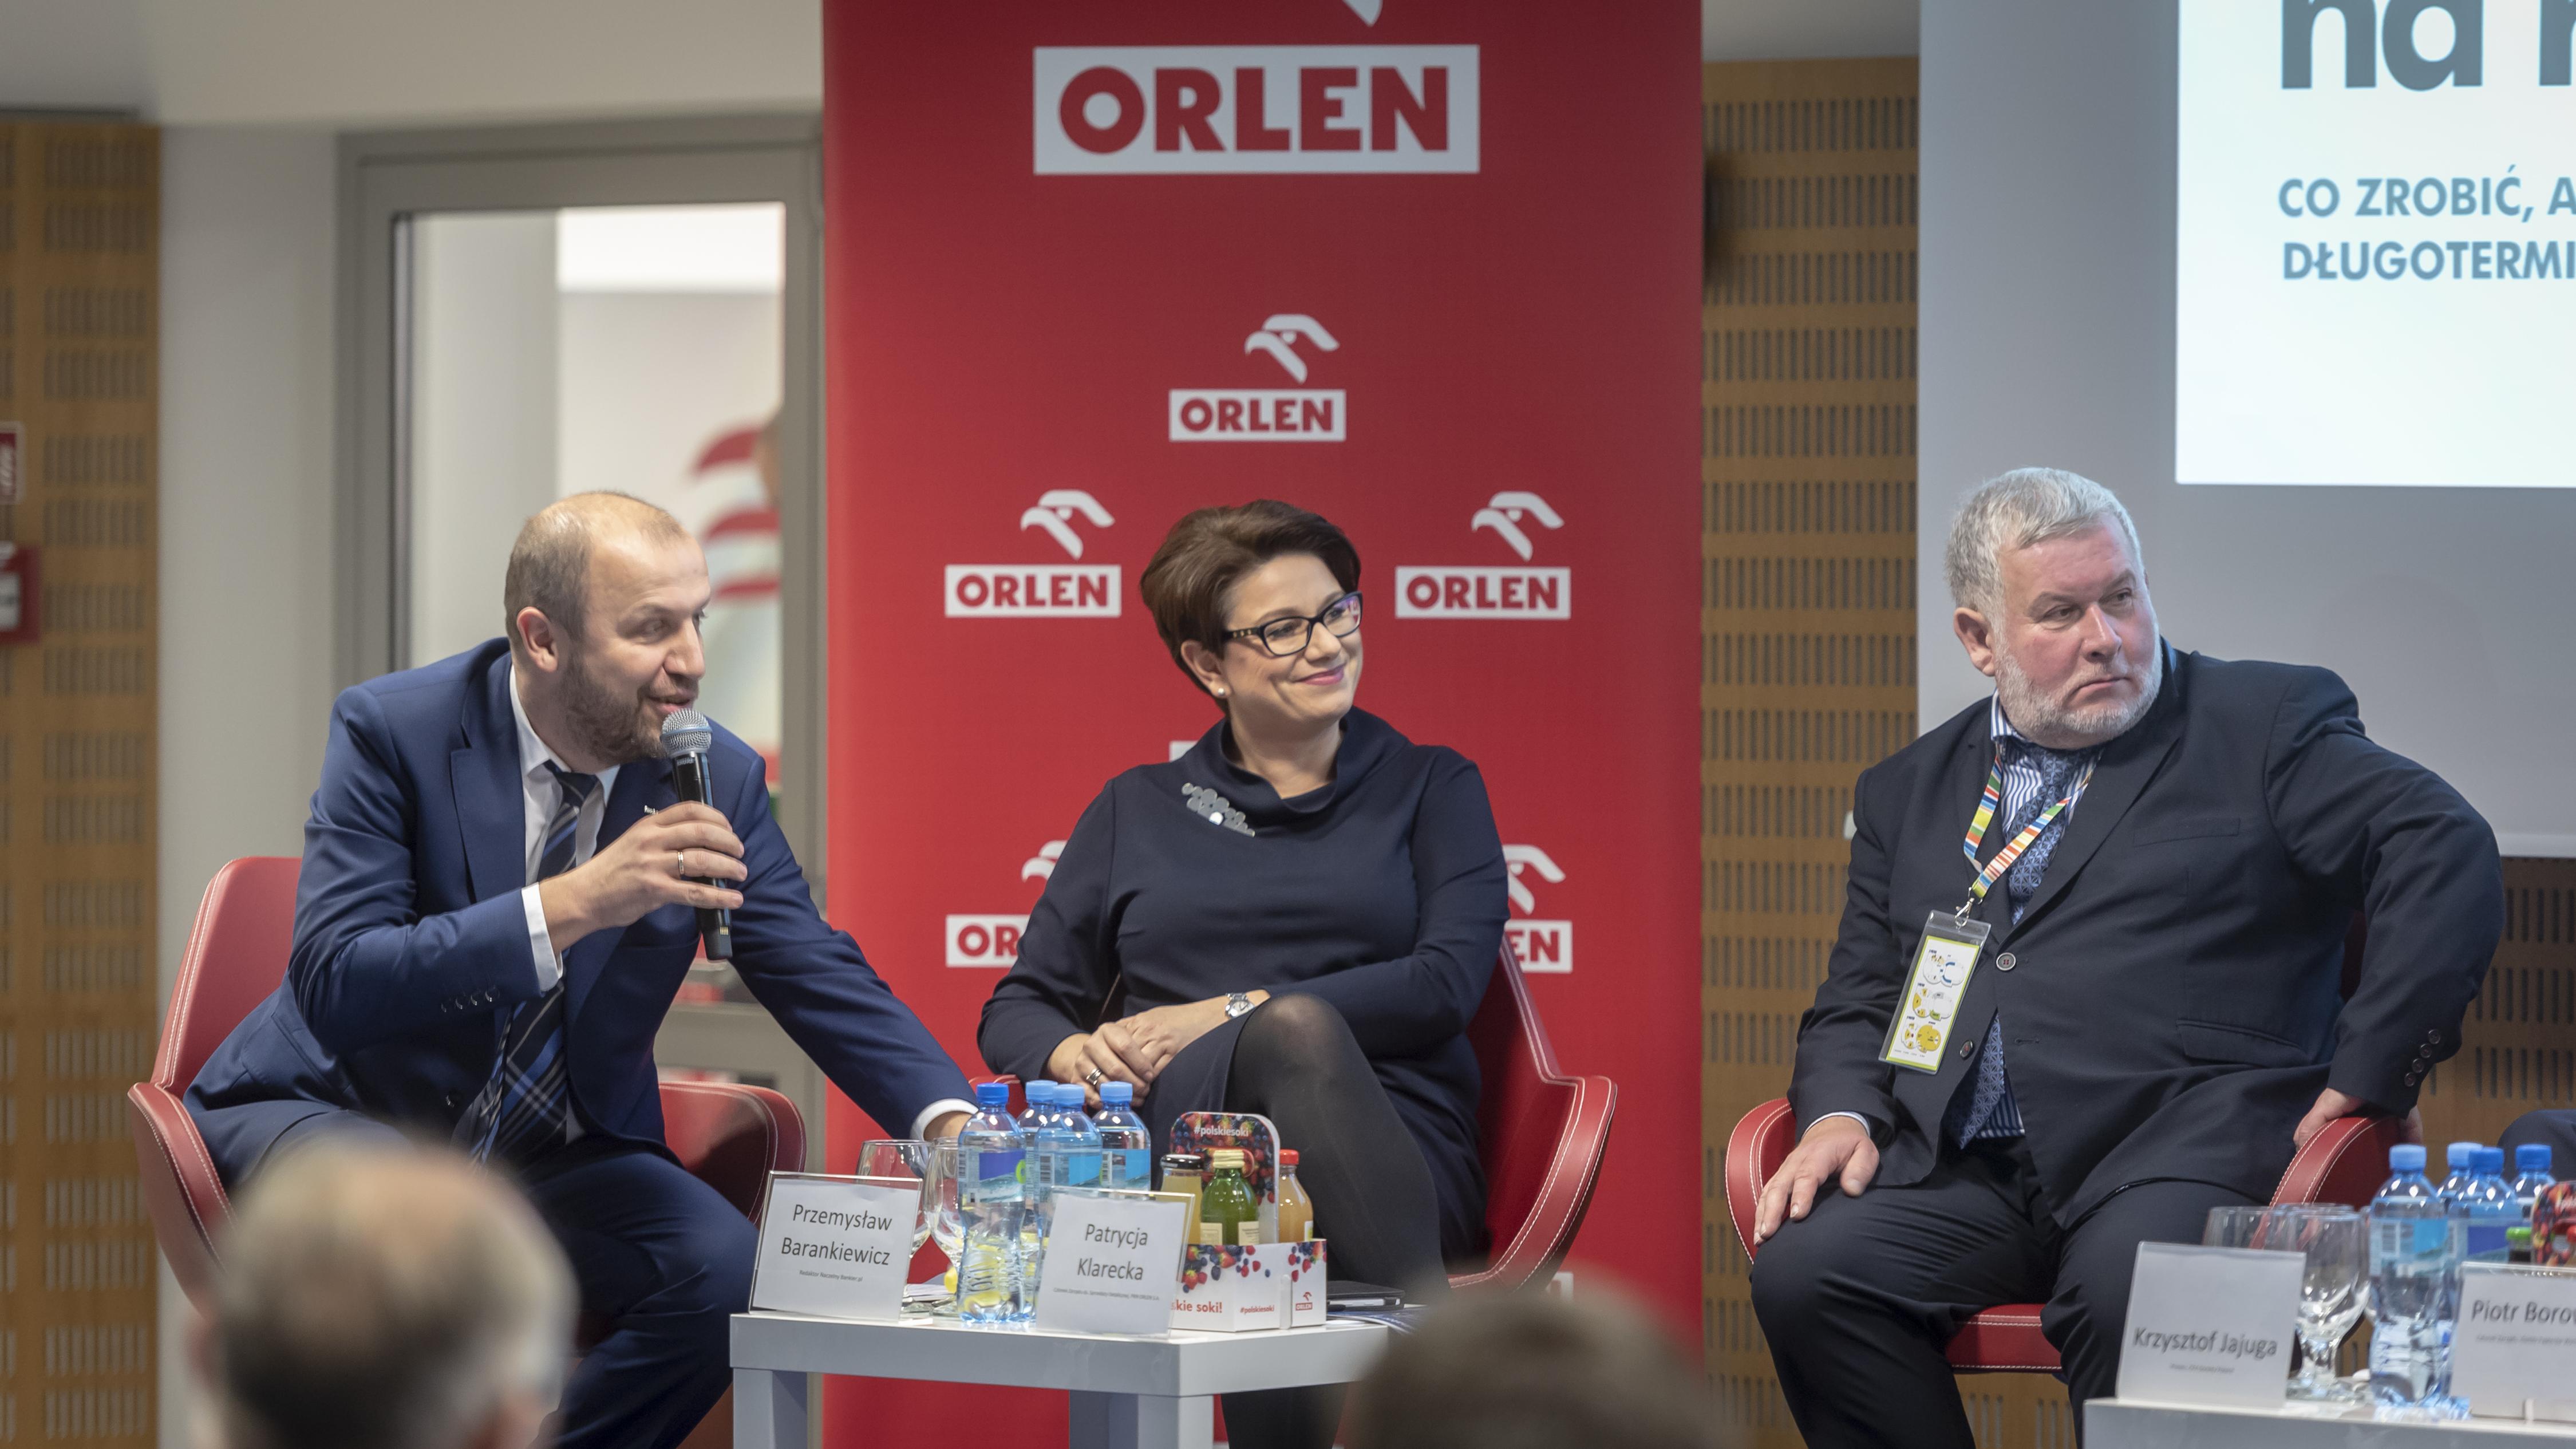 W środku członek zarządu PKN Orlen Patrycja Klarecka. Fot. Mat. pras.